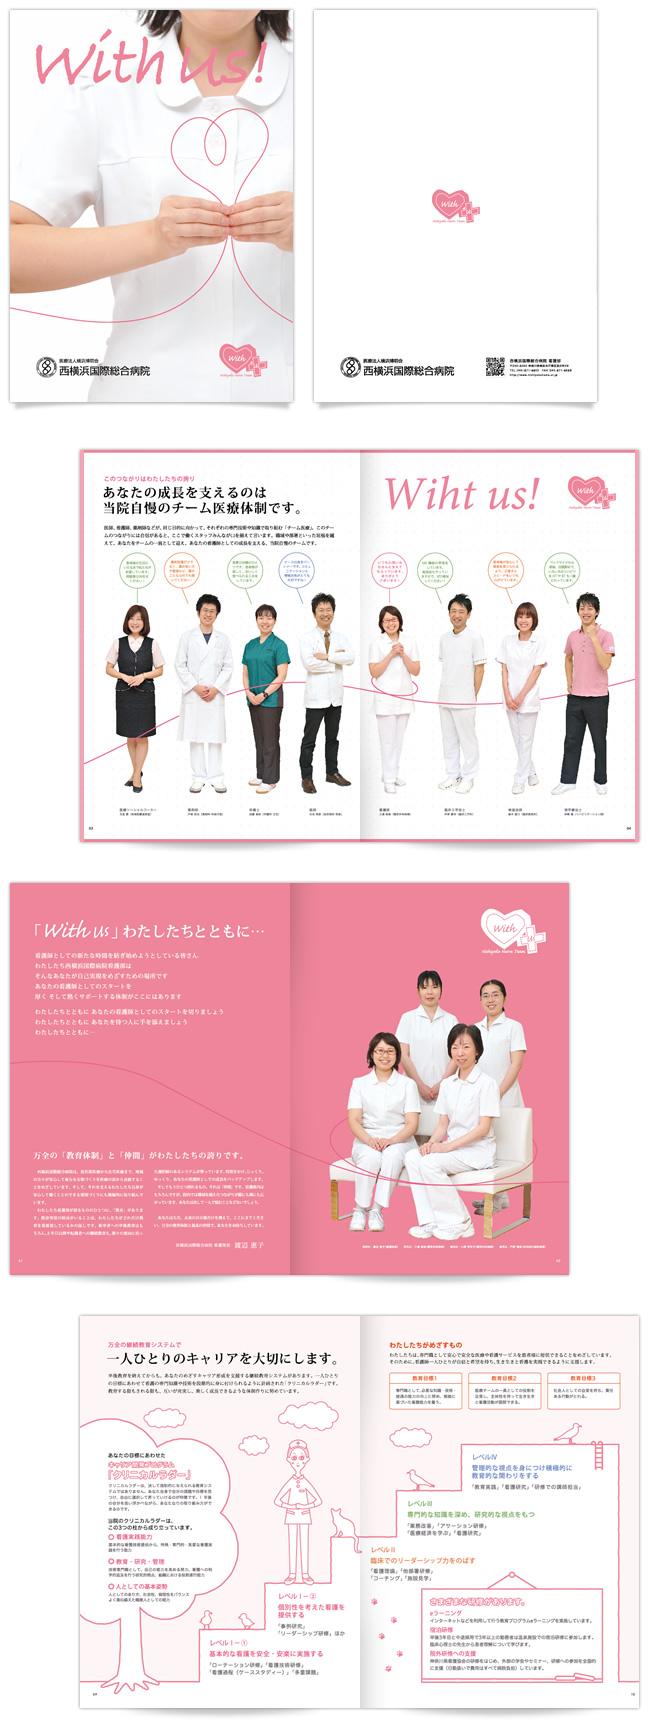 看護師採用パンフレット_e0217255_14221226.jpg